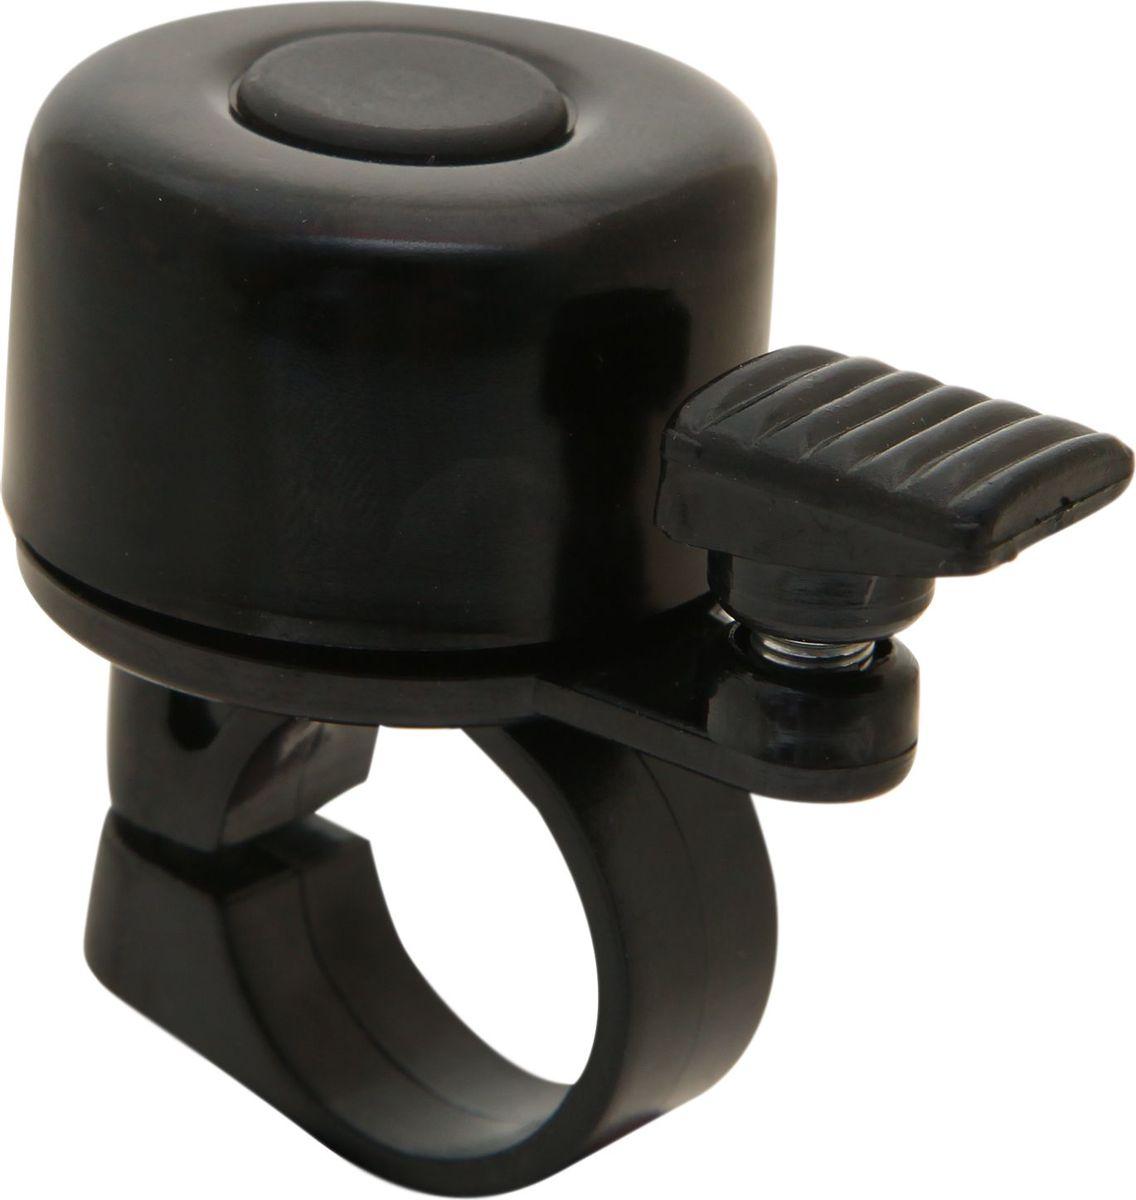 Звонок велосипедный STG 11A-05, цвет: черный звонки велосипедные stg звонок